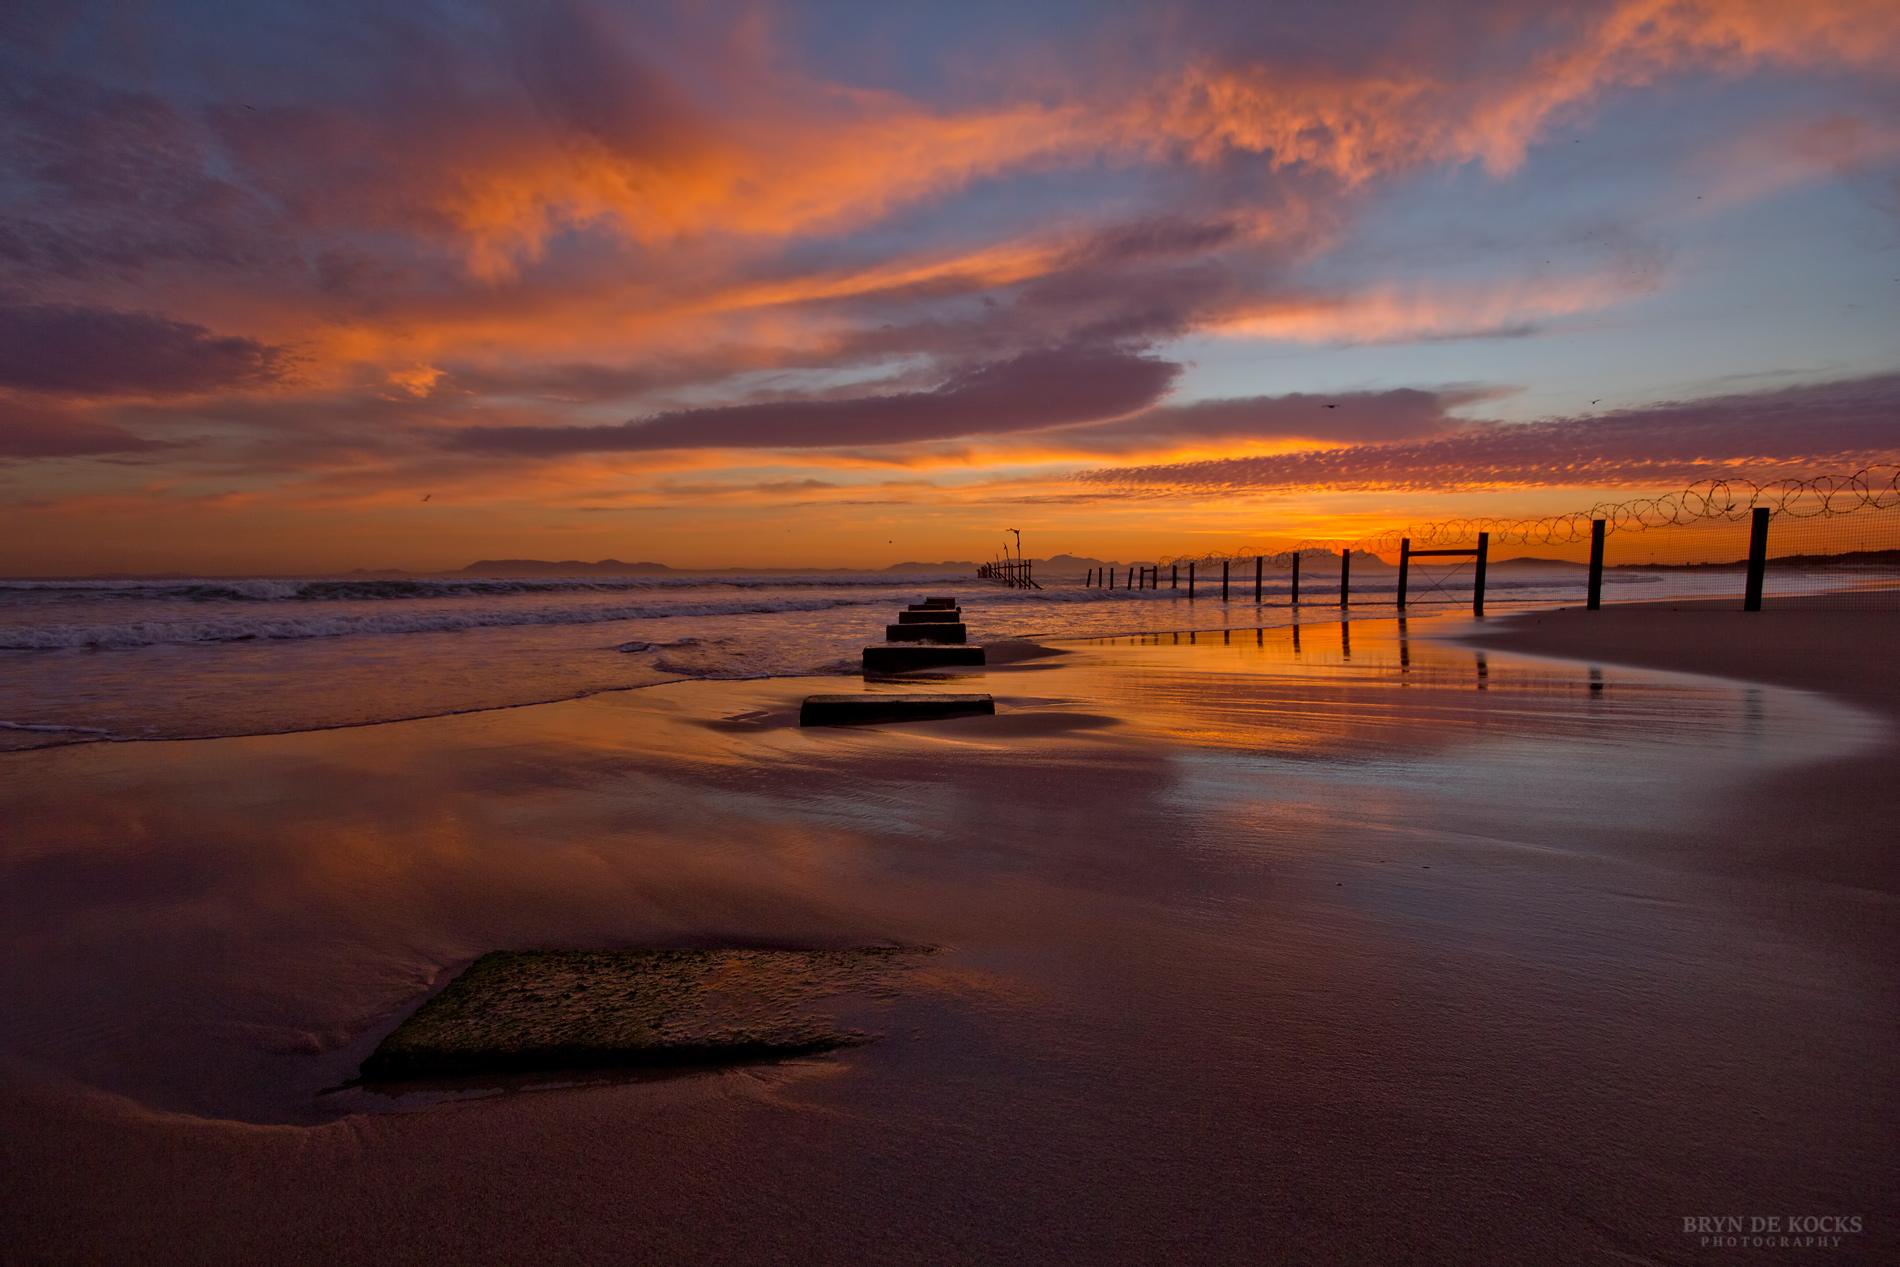 Bright Sunset at Beach